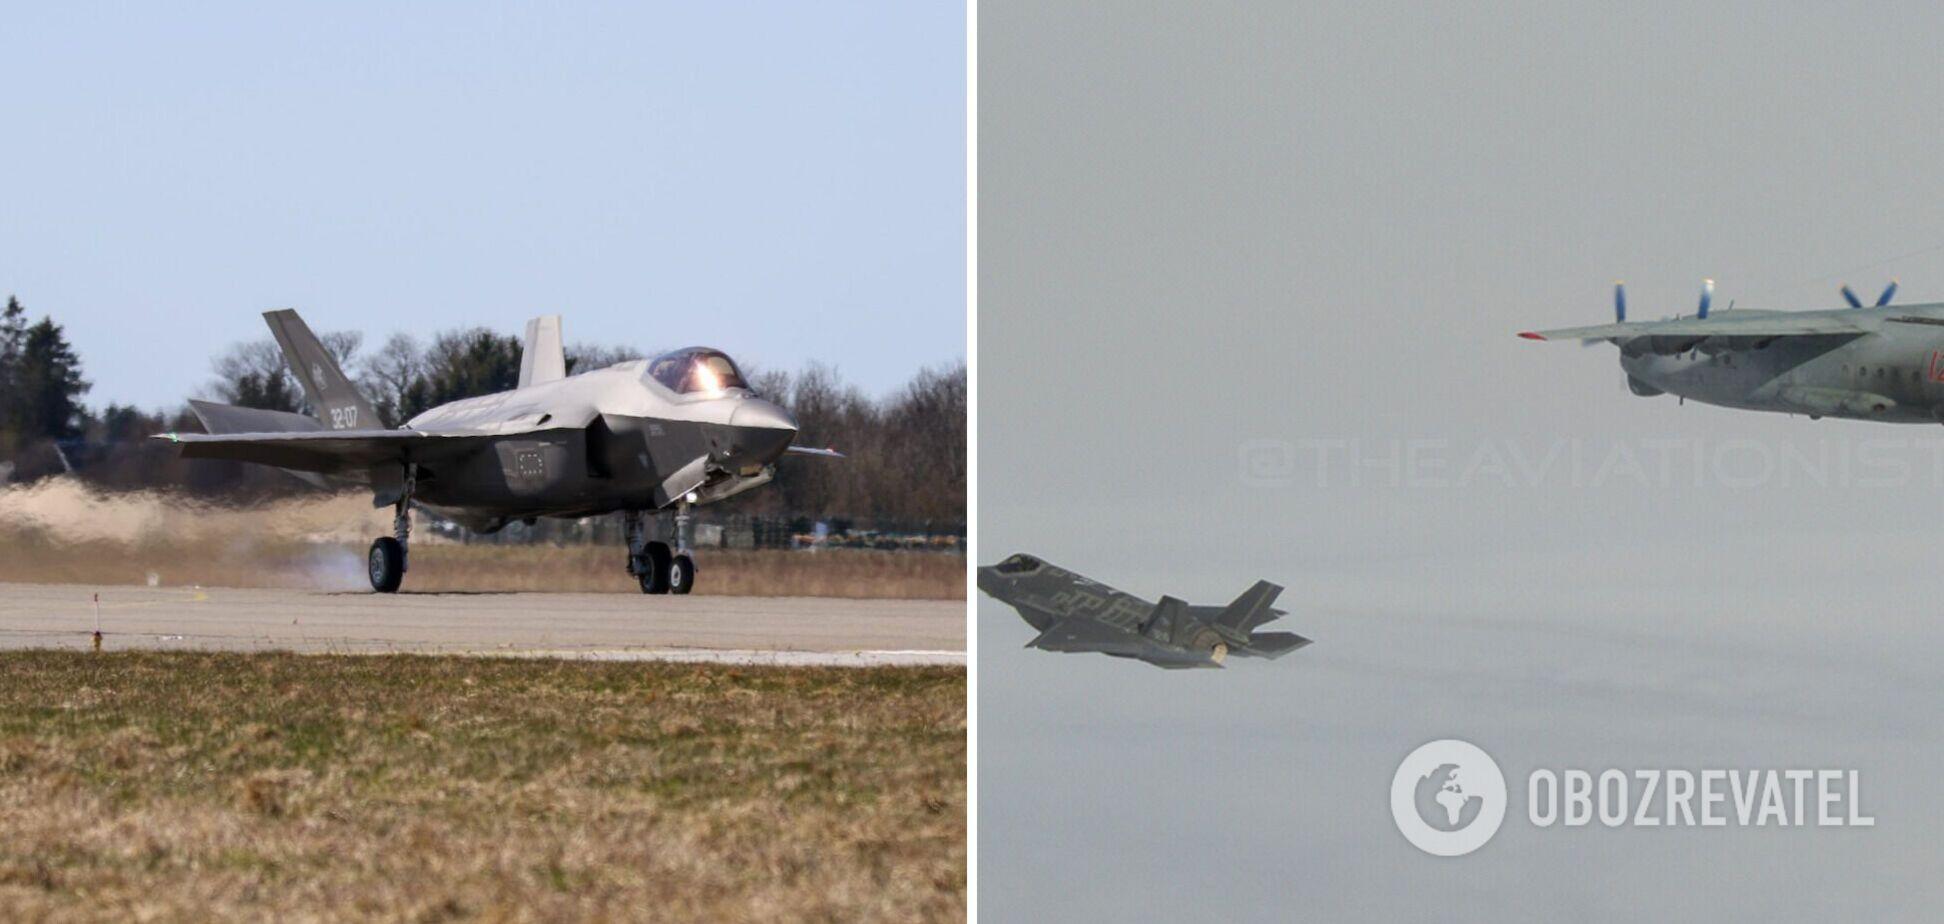 Итальянский истребитель перехватил российский Ан-12. Фото